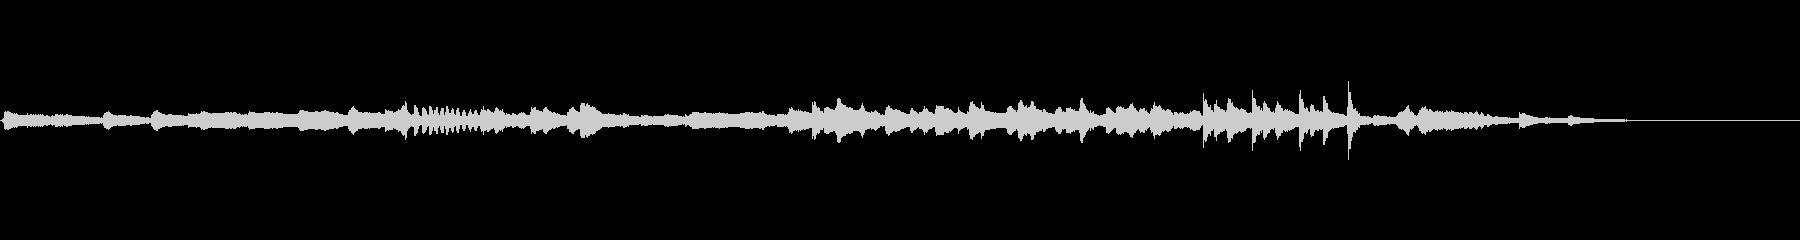 作曲家 Enokido 即興 アドリブ の未再生の波形